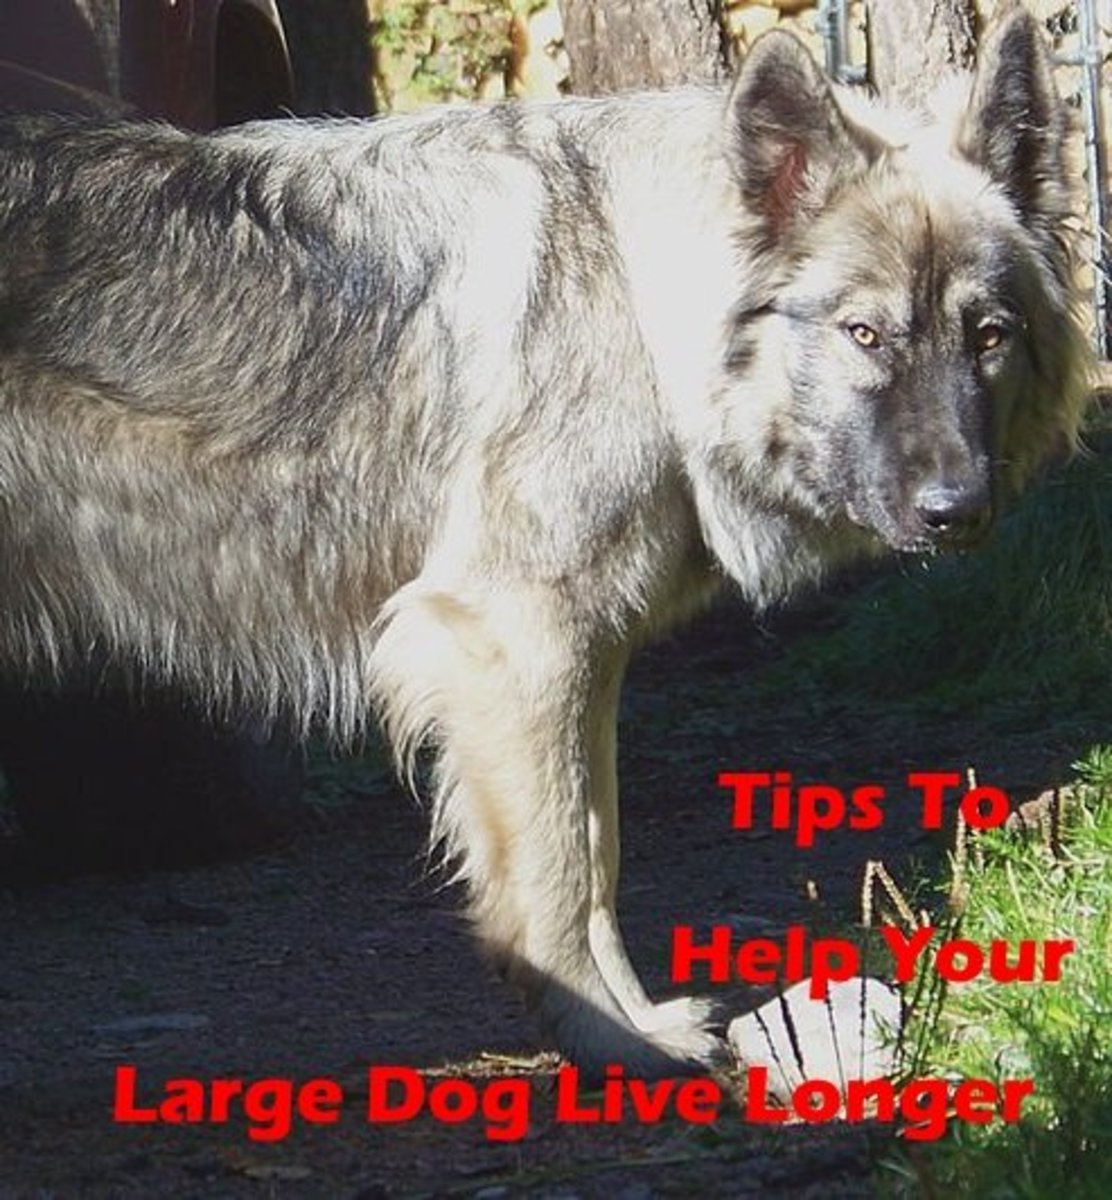 Large dog breeds that live longer.